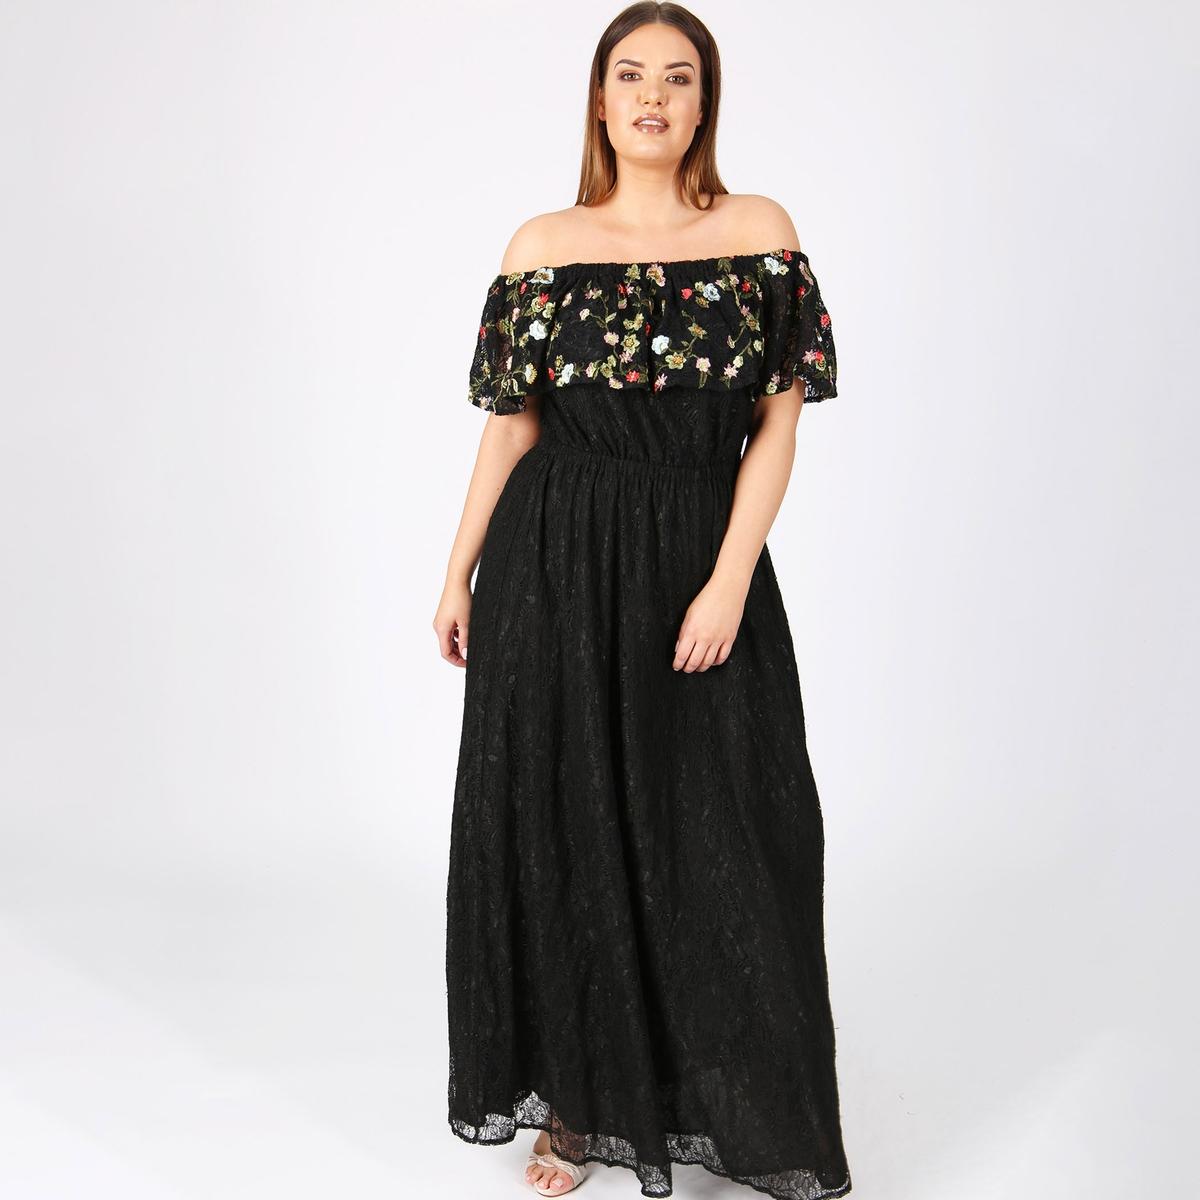 Платье длинное однотонное, расширяющееся к низу, без рукавов